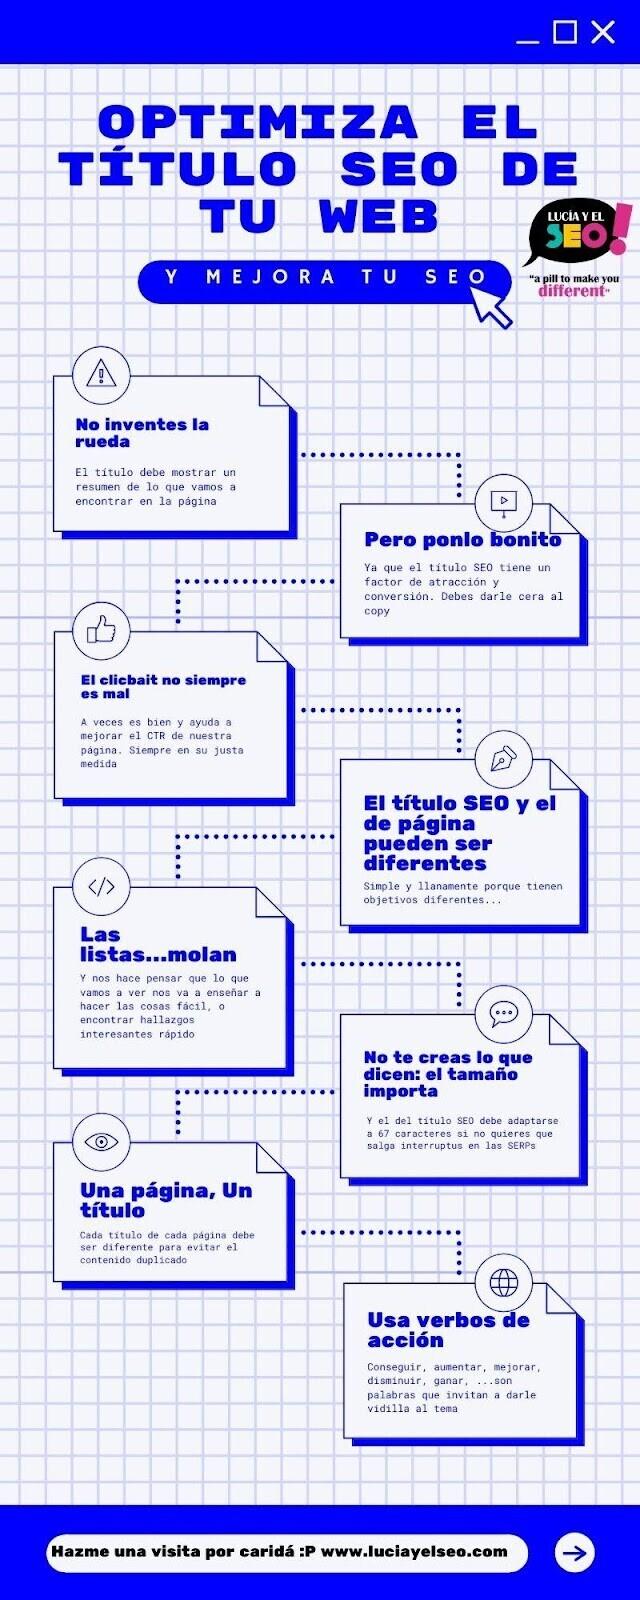 Optimiza el título SEO de tu web #infografia #seo